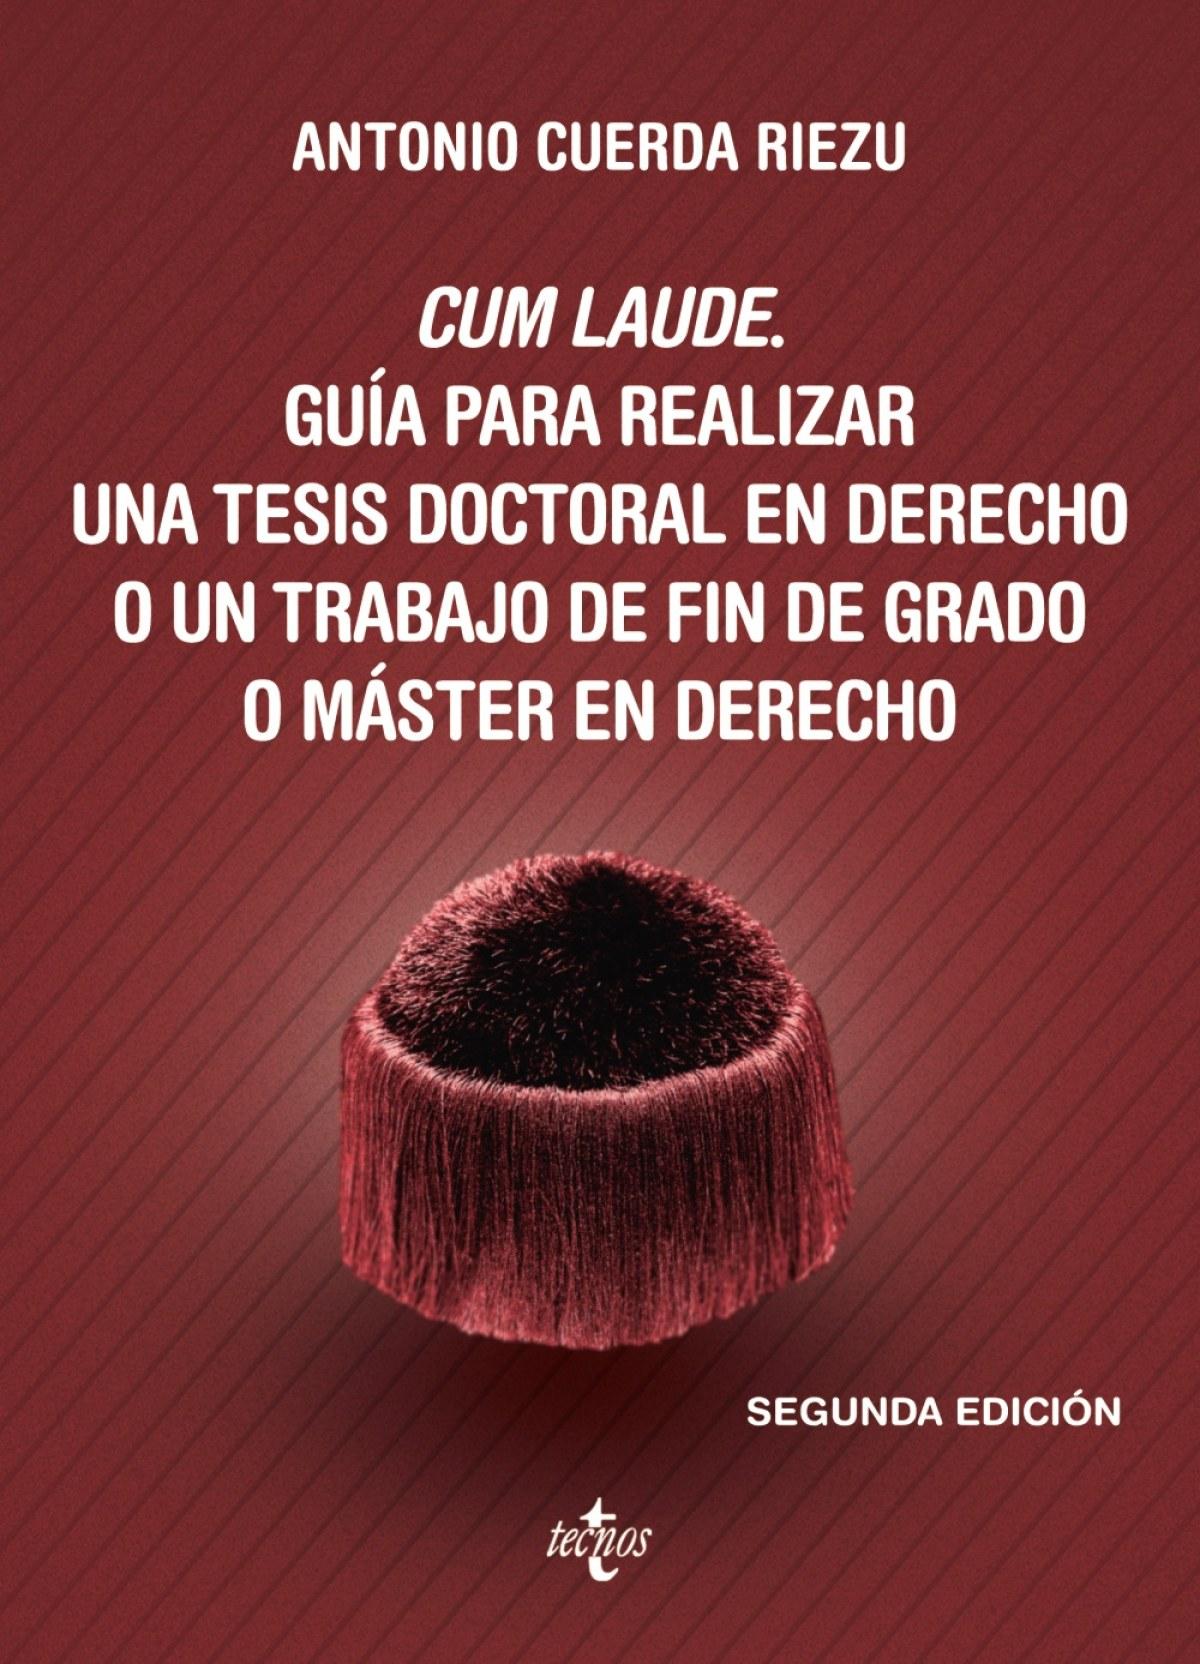 Cum laude 9788430966875